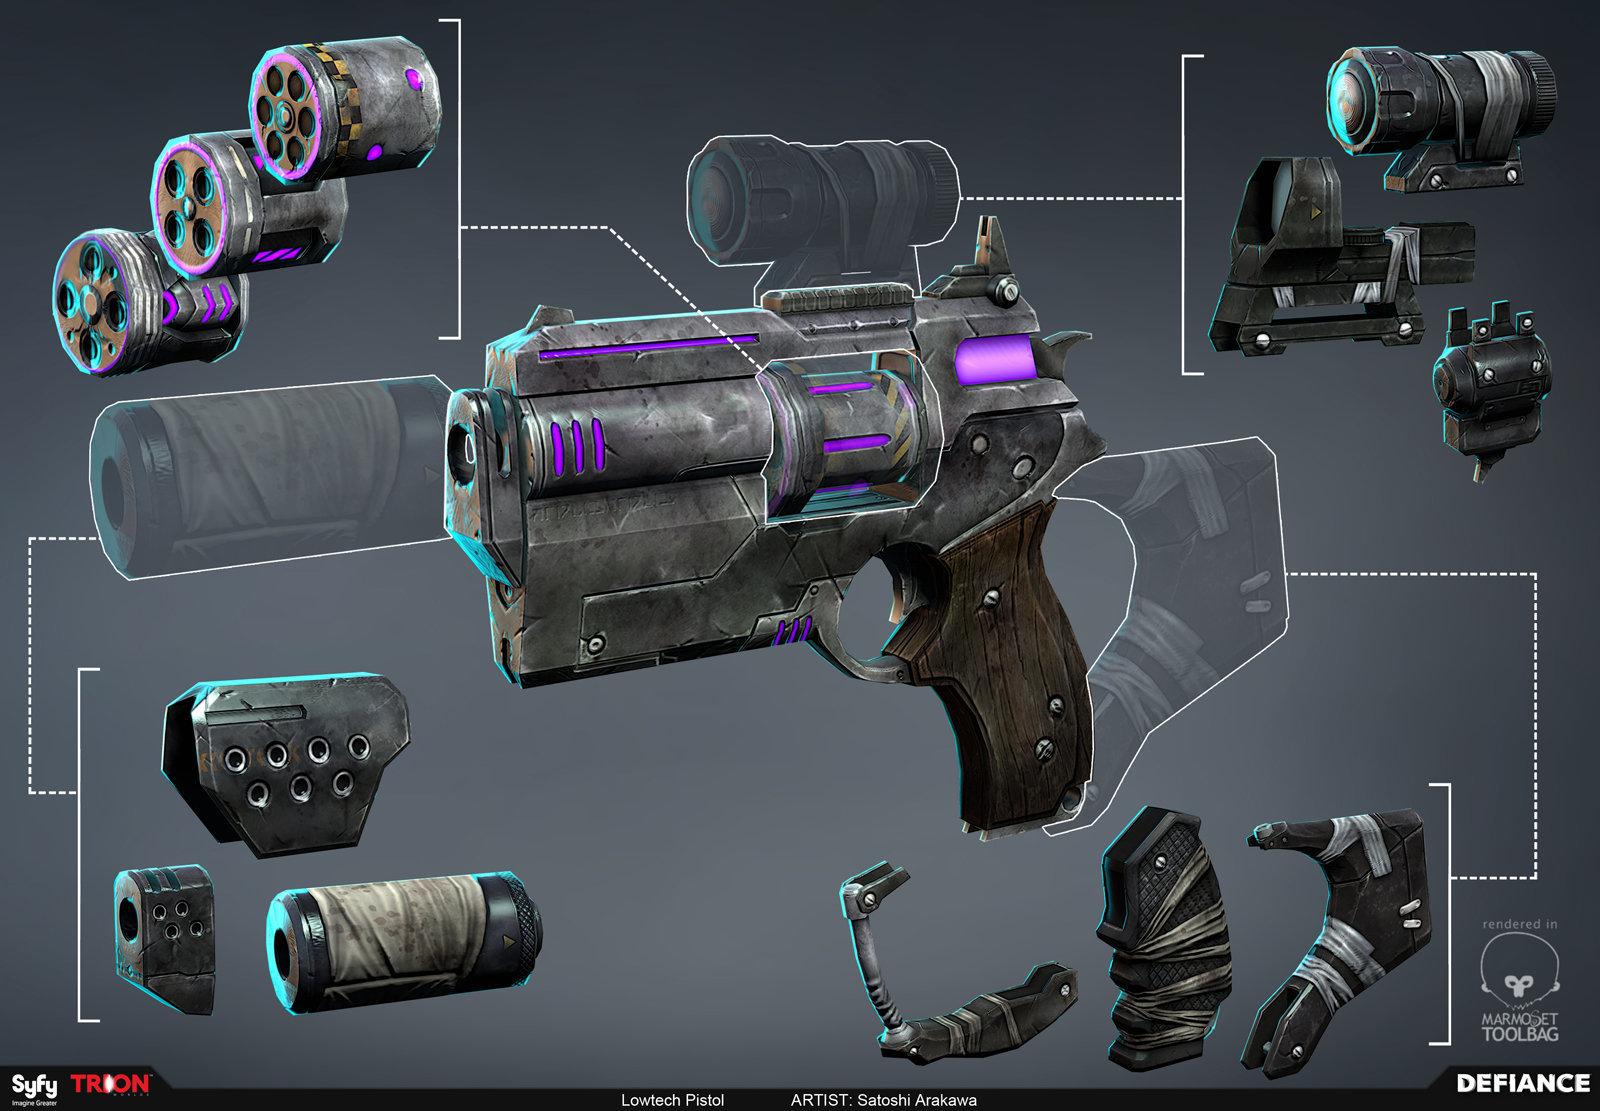 Satoshi arakawa wep lowtech pistol